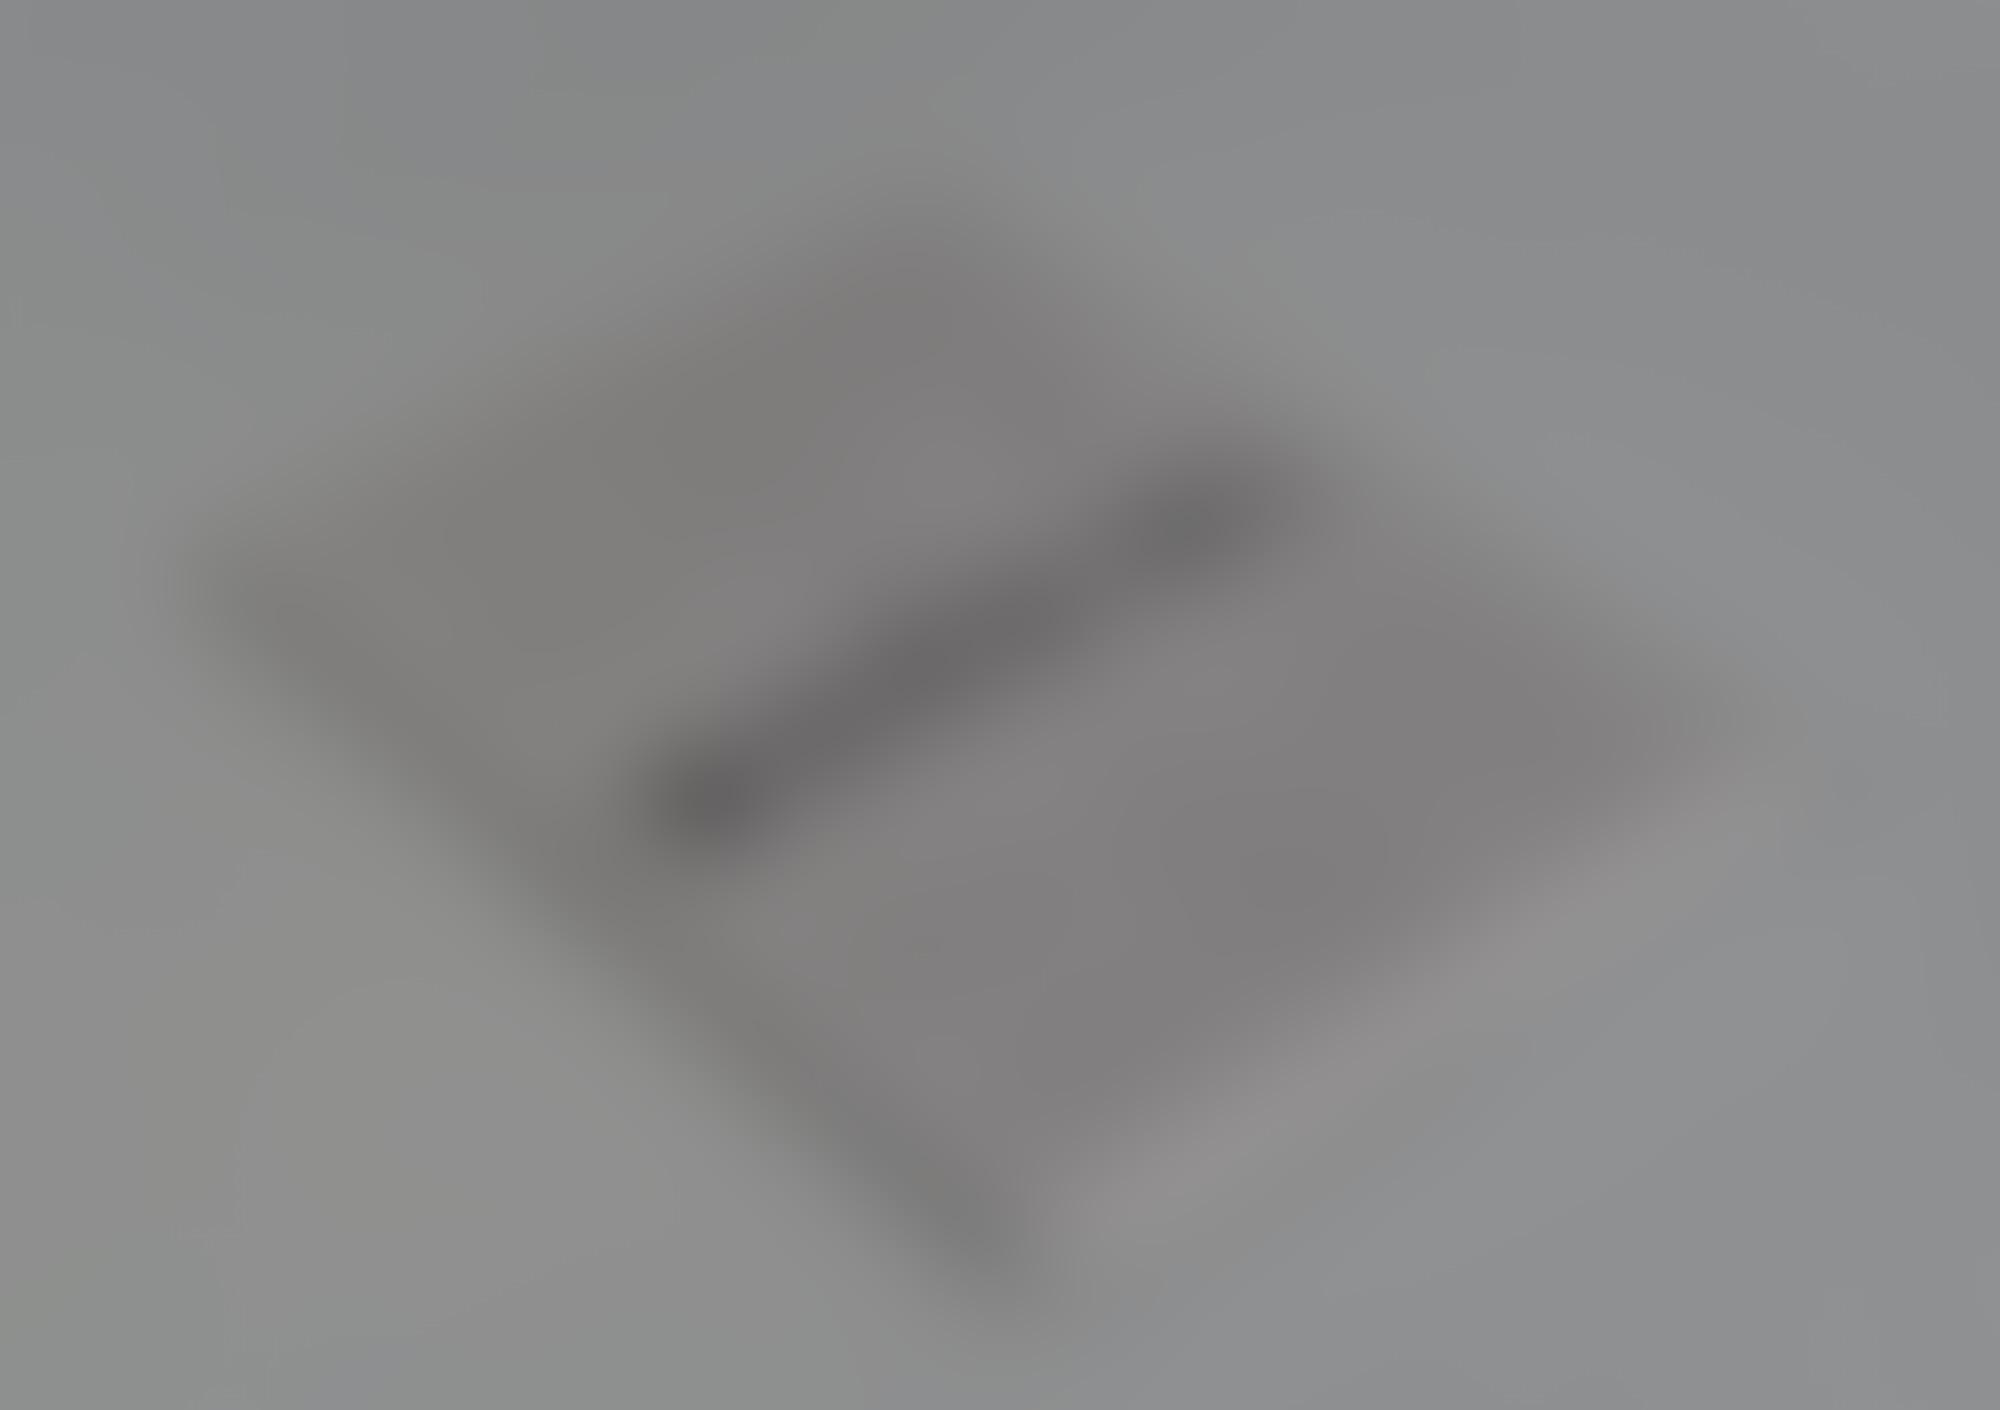 Rapha2 2 autocompressfitresizeixlibphp 1 1 0max h2000max w3 D2000q80sd67066a75f17f3c9f876fb76ec937a0c